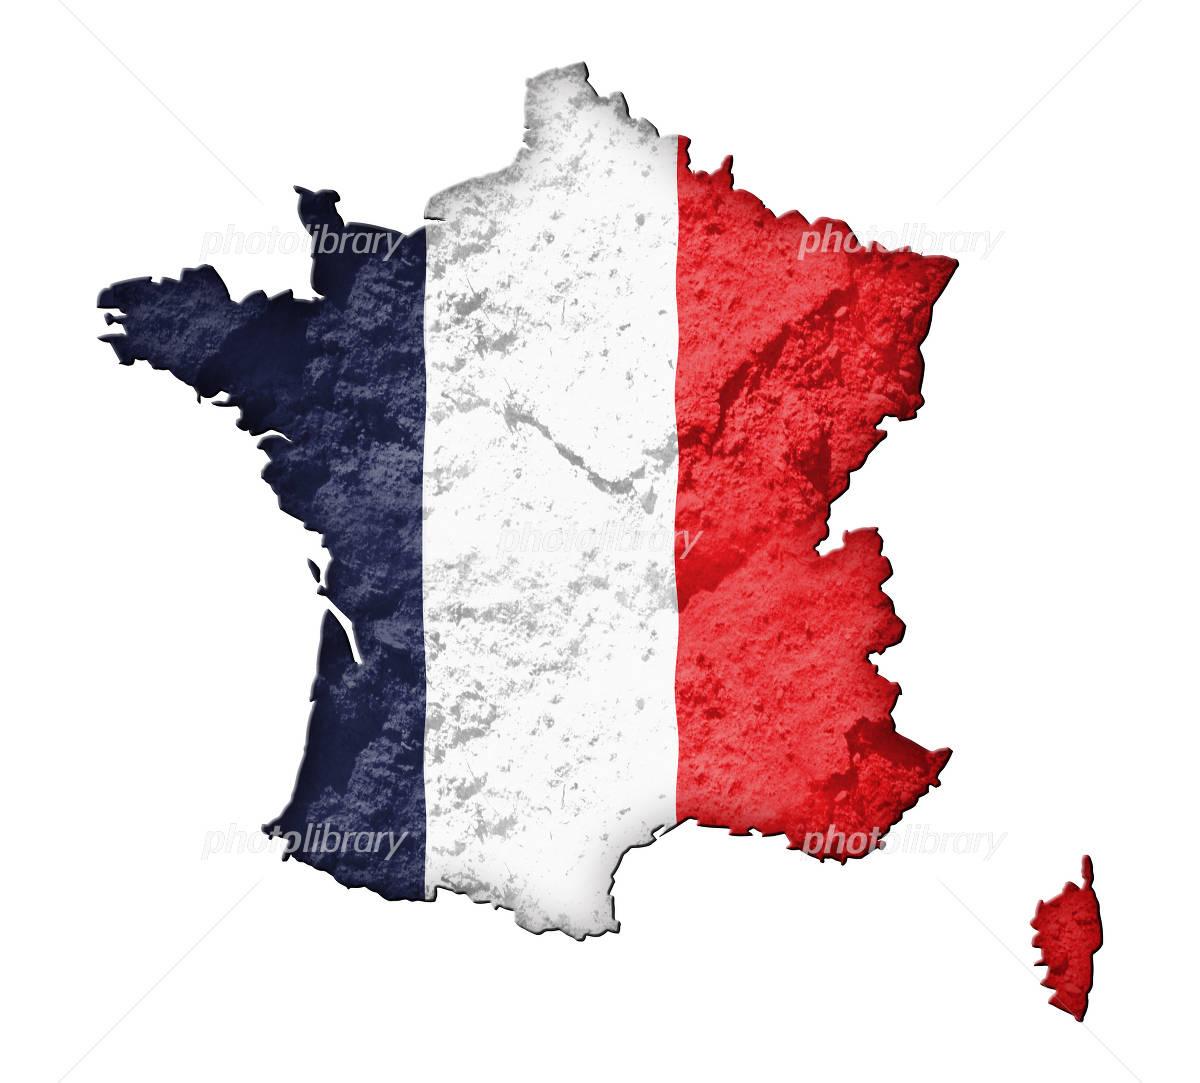 フランスの地図と国旗-写真素材 フランスの地図と国旗 画像ID 890678  フランスの地図と